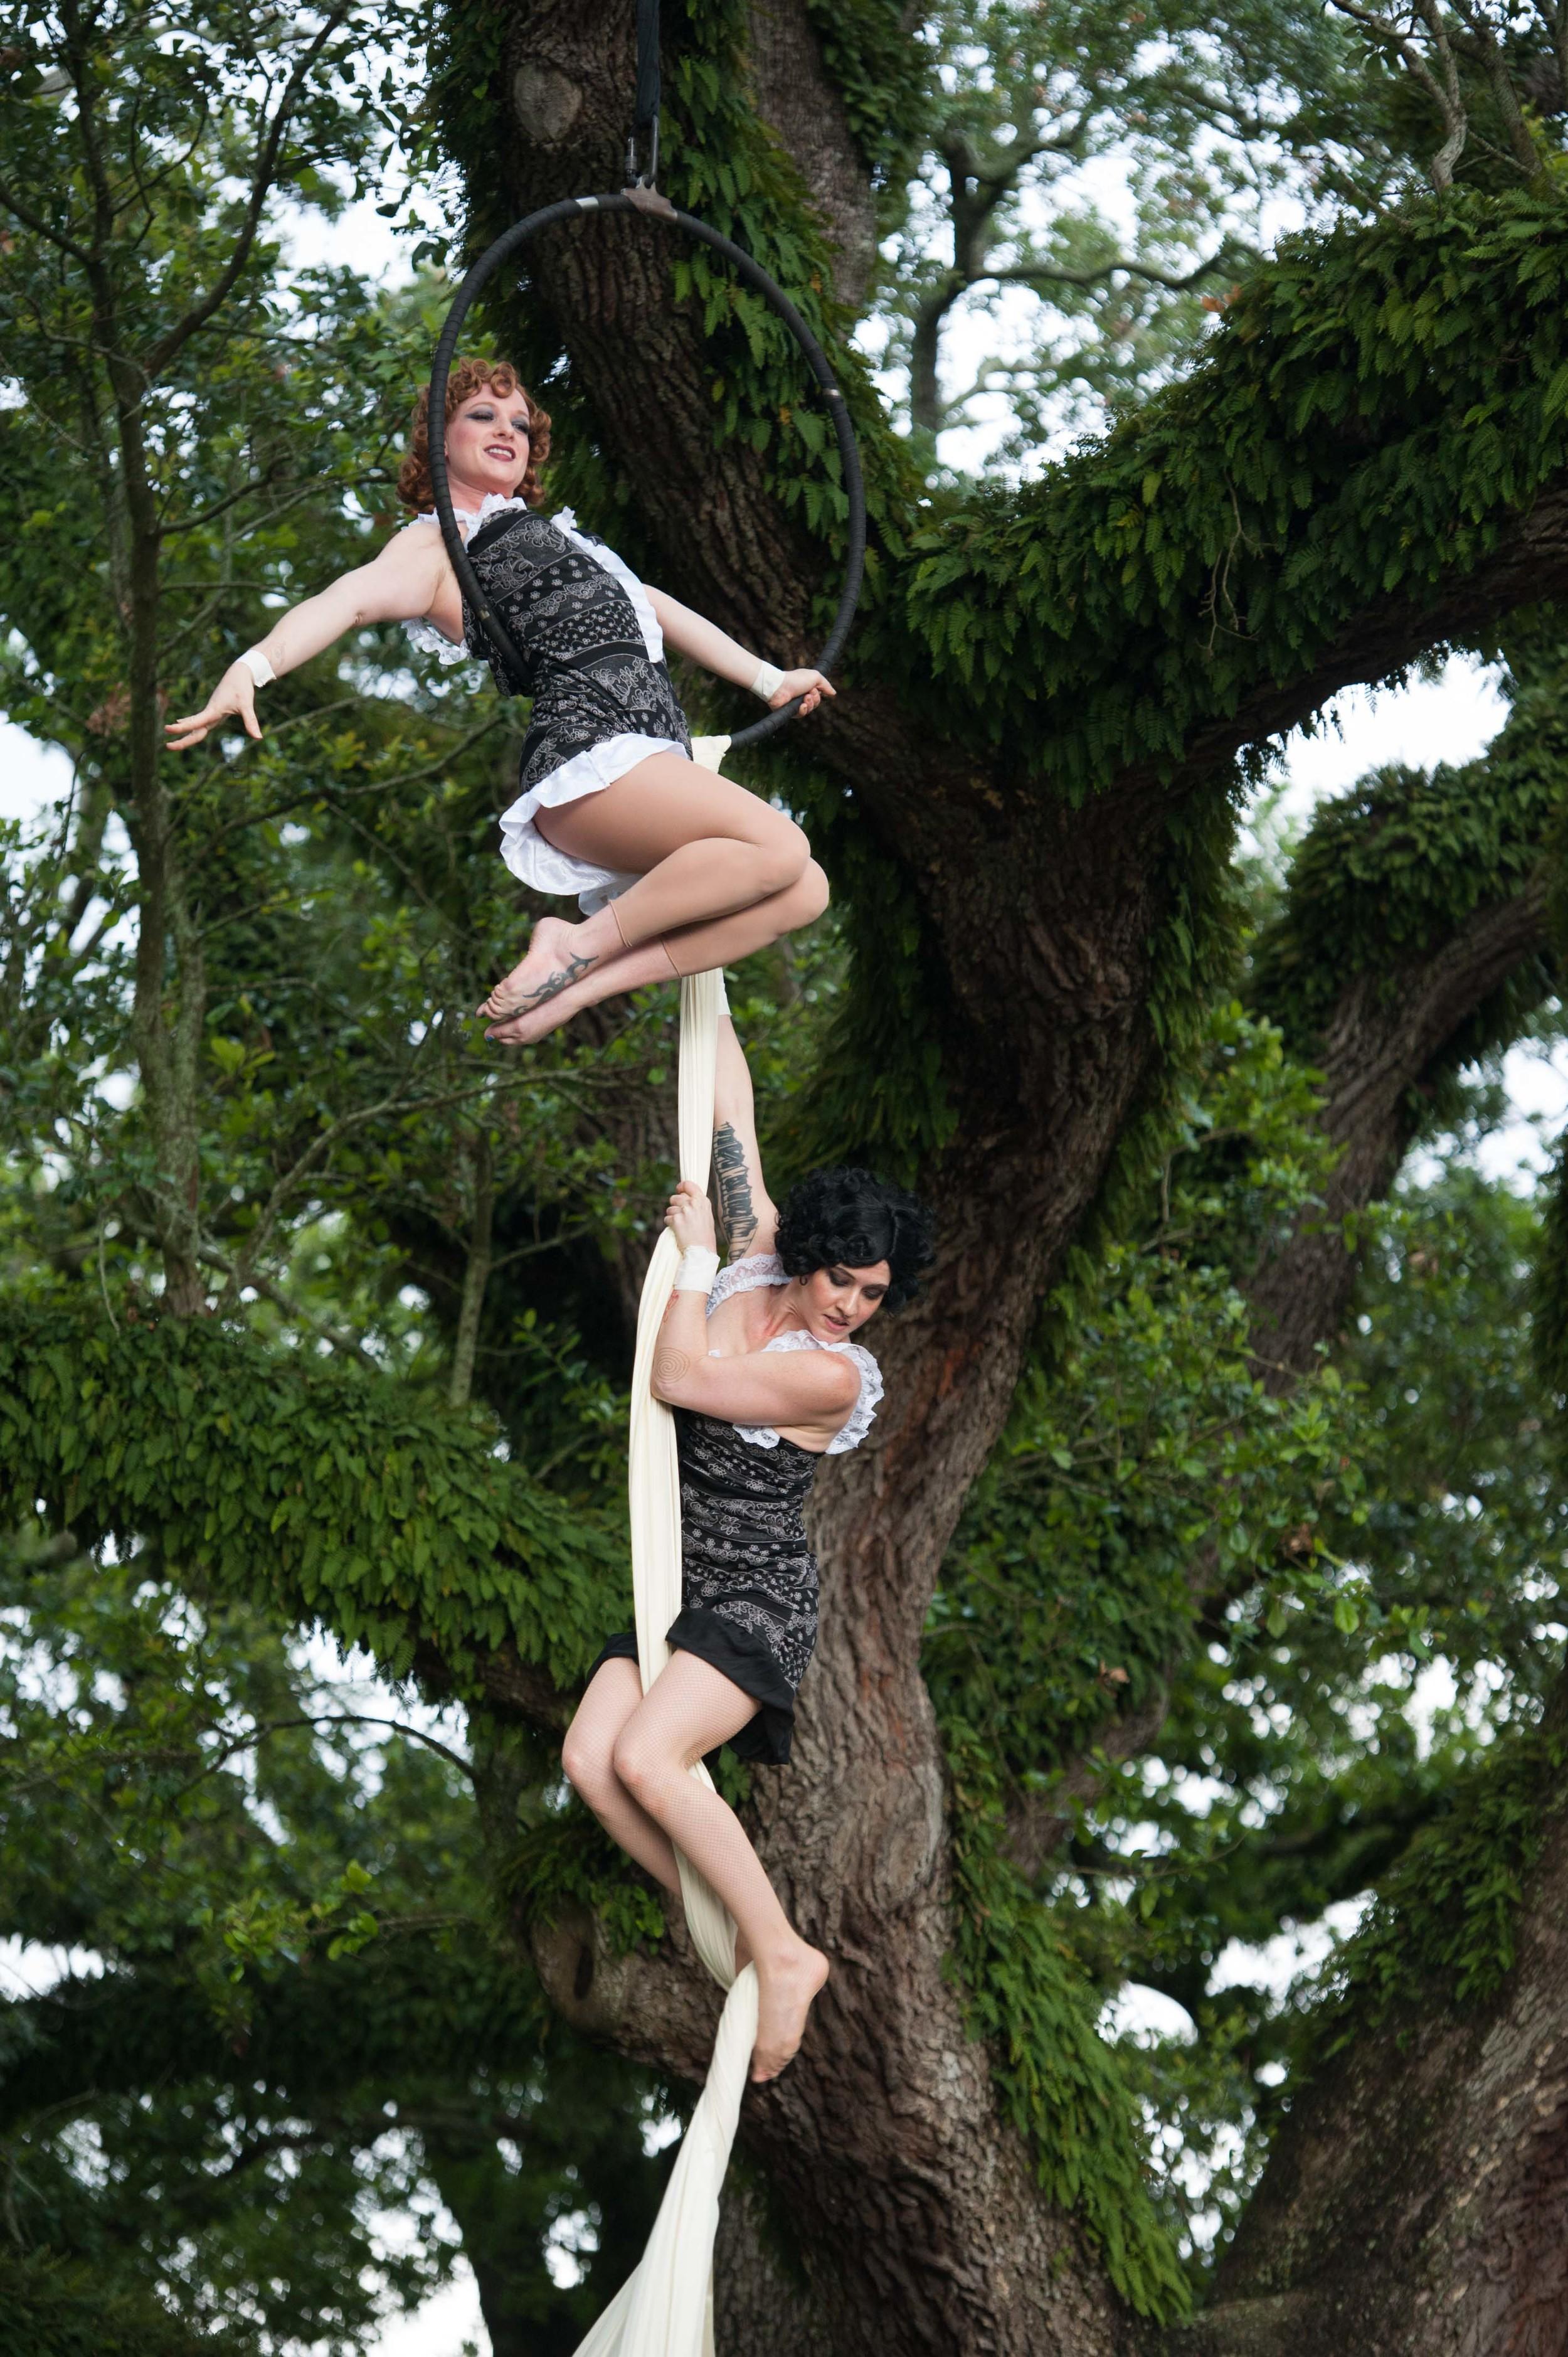 Dancers in the Oaks by Adrienne Battistella